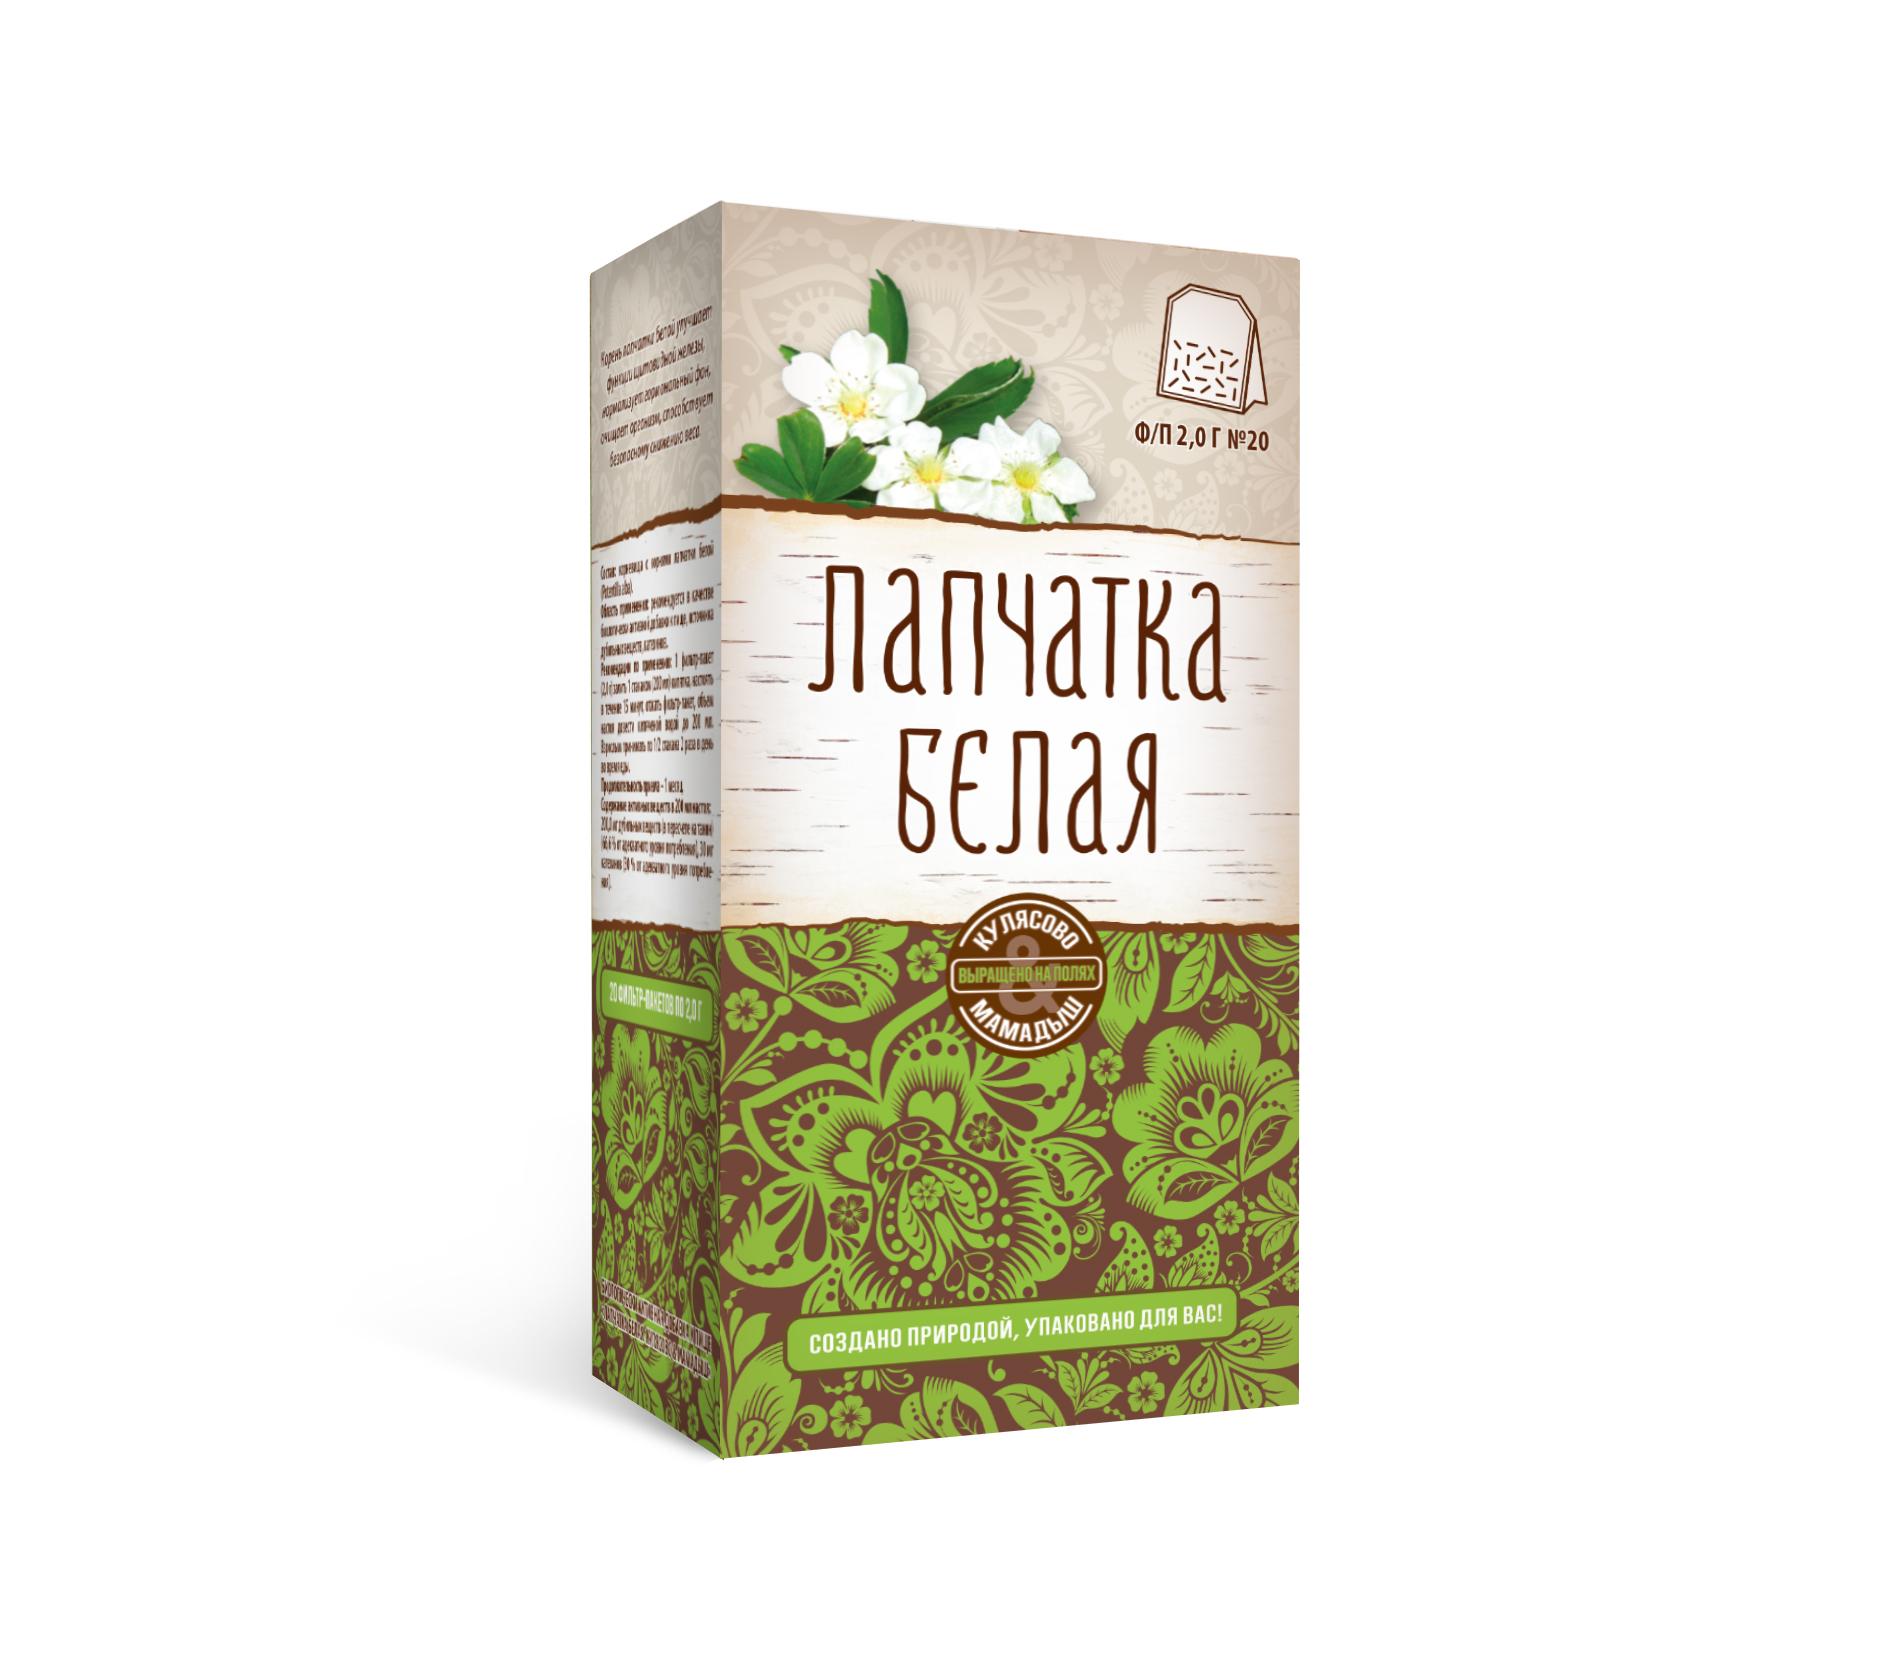 Лапчатка белая. Кулясово & Мамадыш (фильтр-пакеты): описание, инструкция по применению